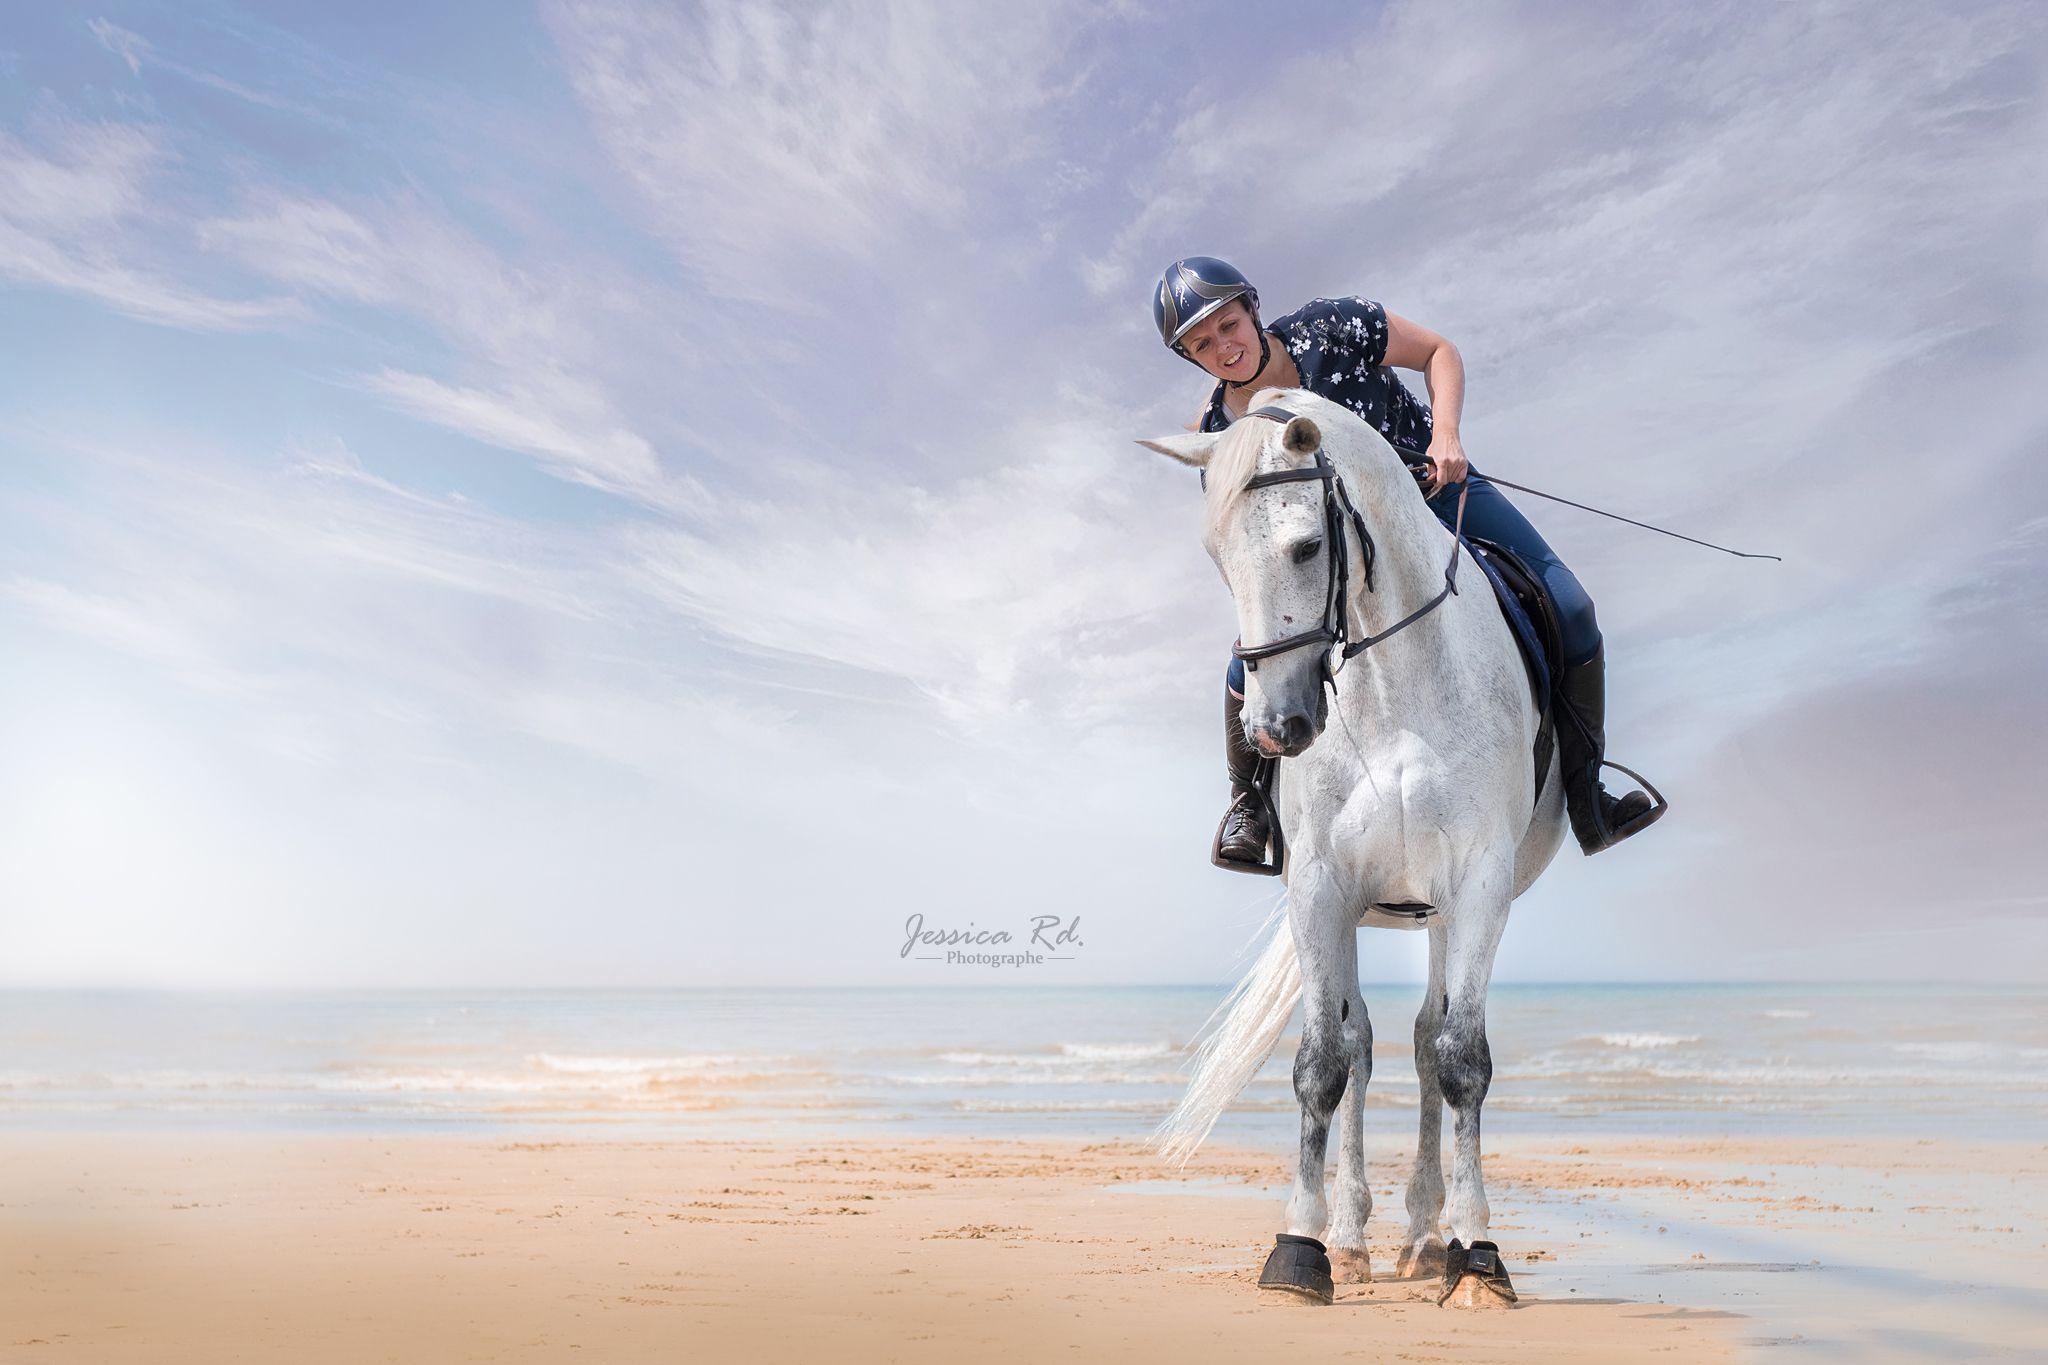 Photographie Artistique De Chevaux Sur La Plage Dunkerque Nord Par Jessica Rd Photographe D Animaux En 2020 Photographie Artistique Animaux Photographie